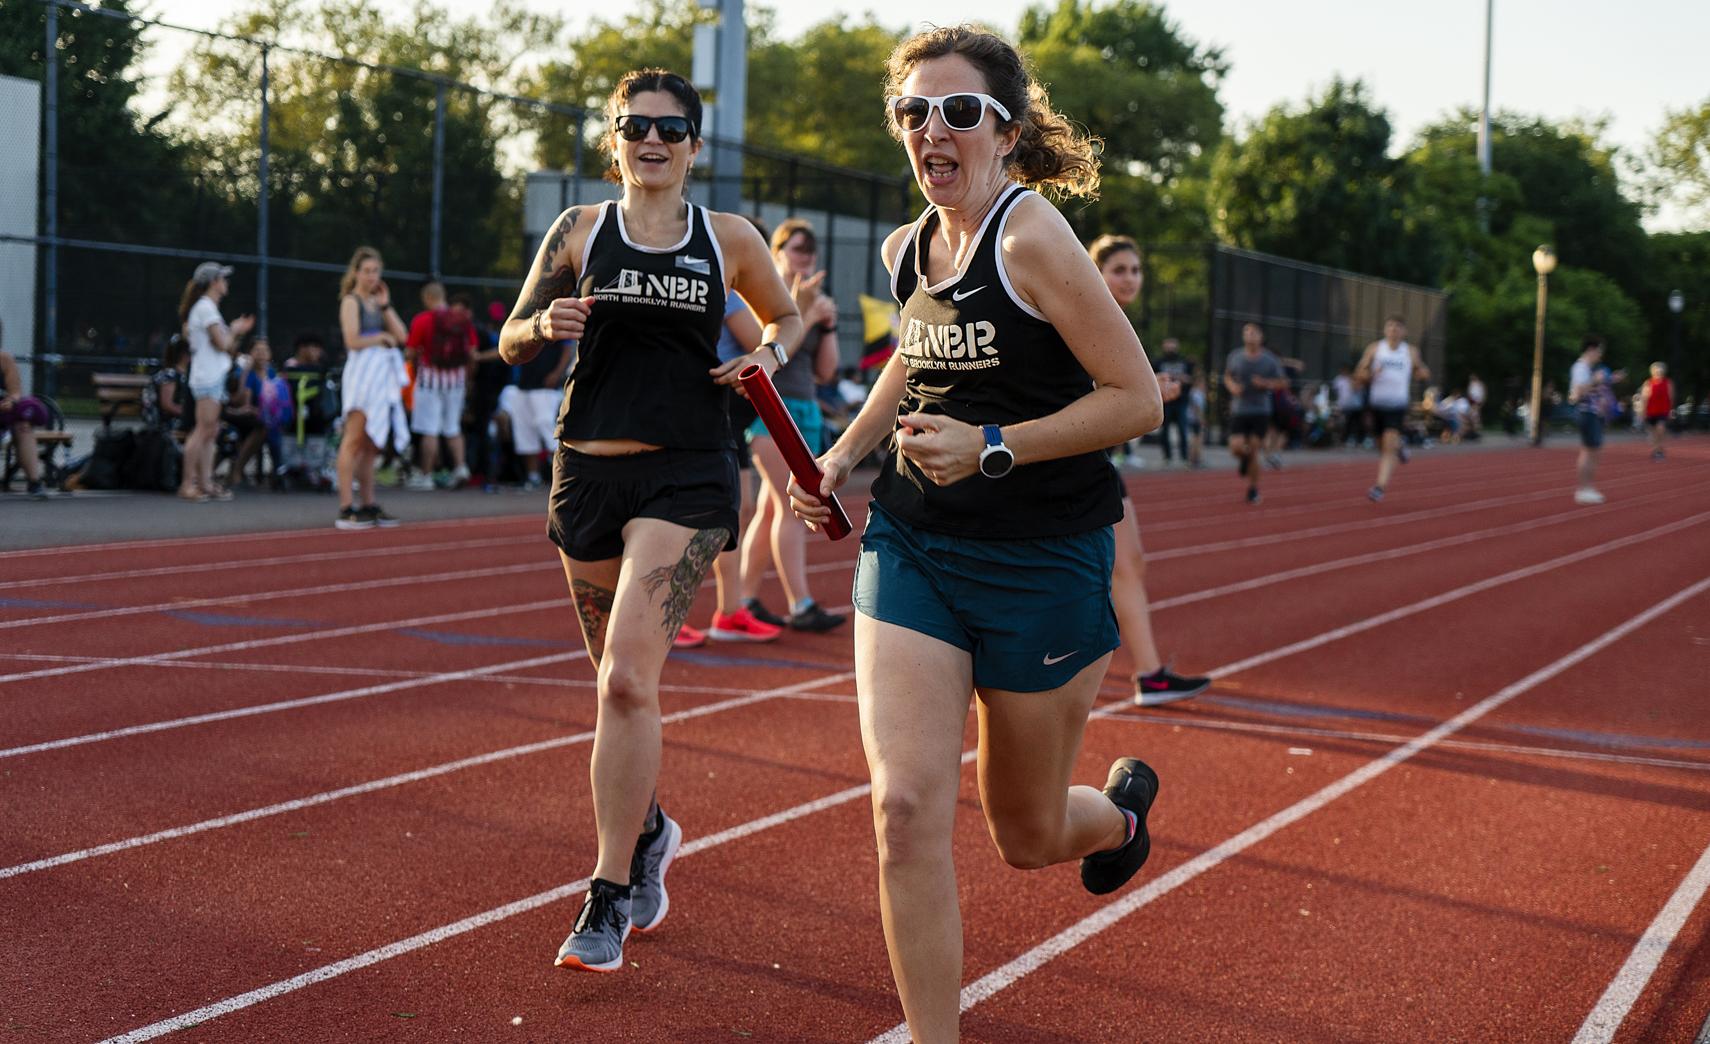 NBR McCarren Track Meet 2019-071219-Drew-ReynoldsDSC00128.jpg